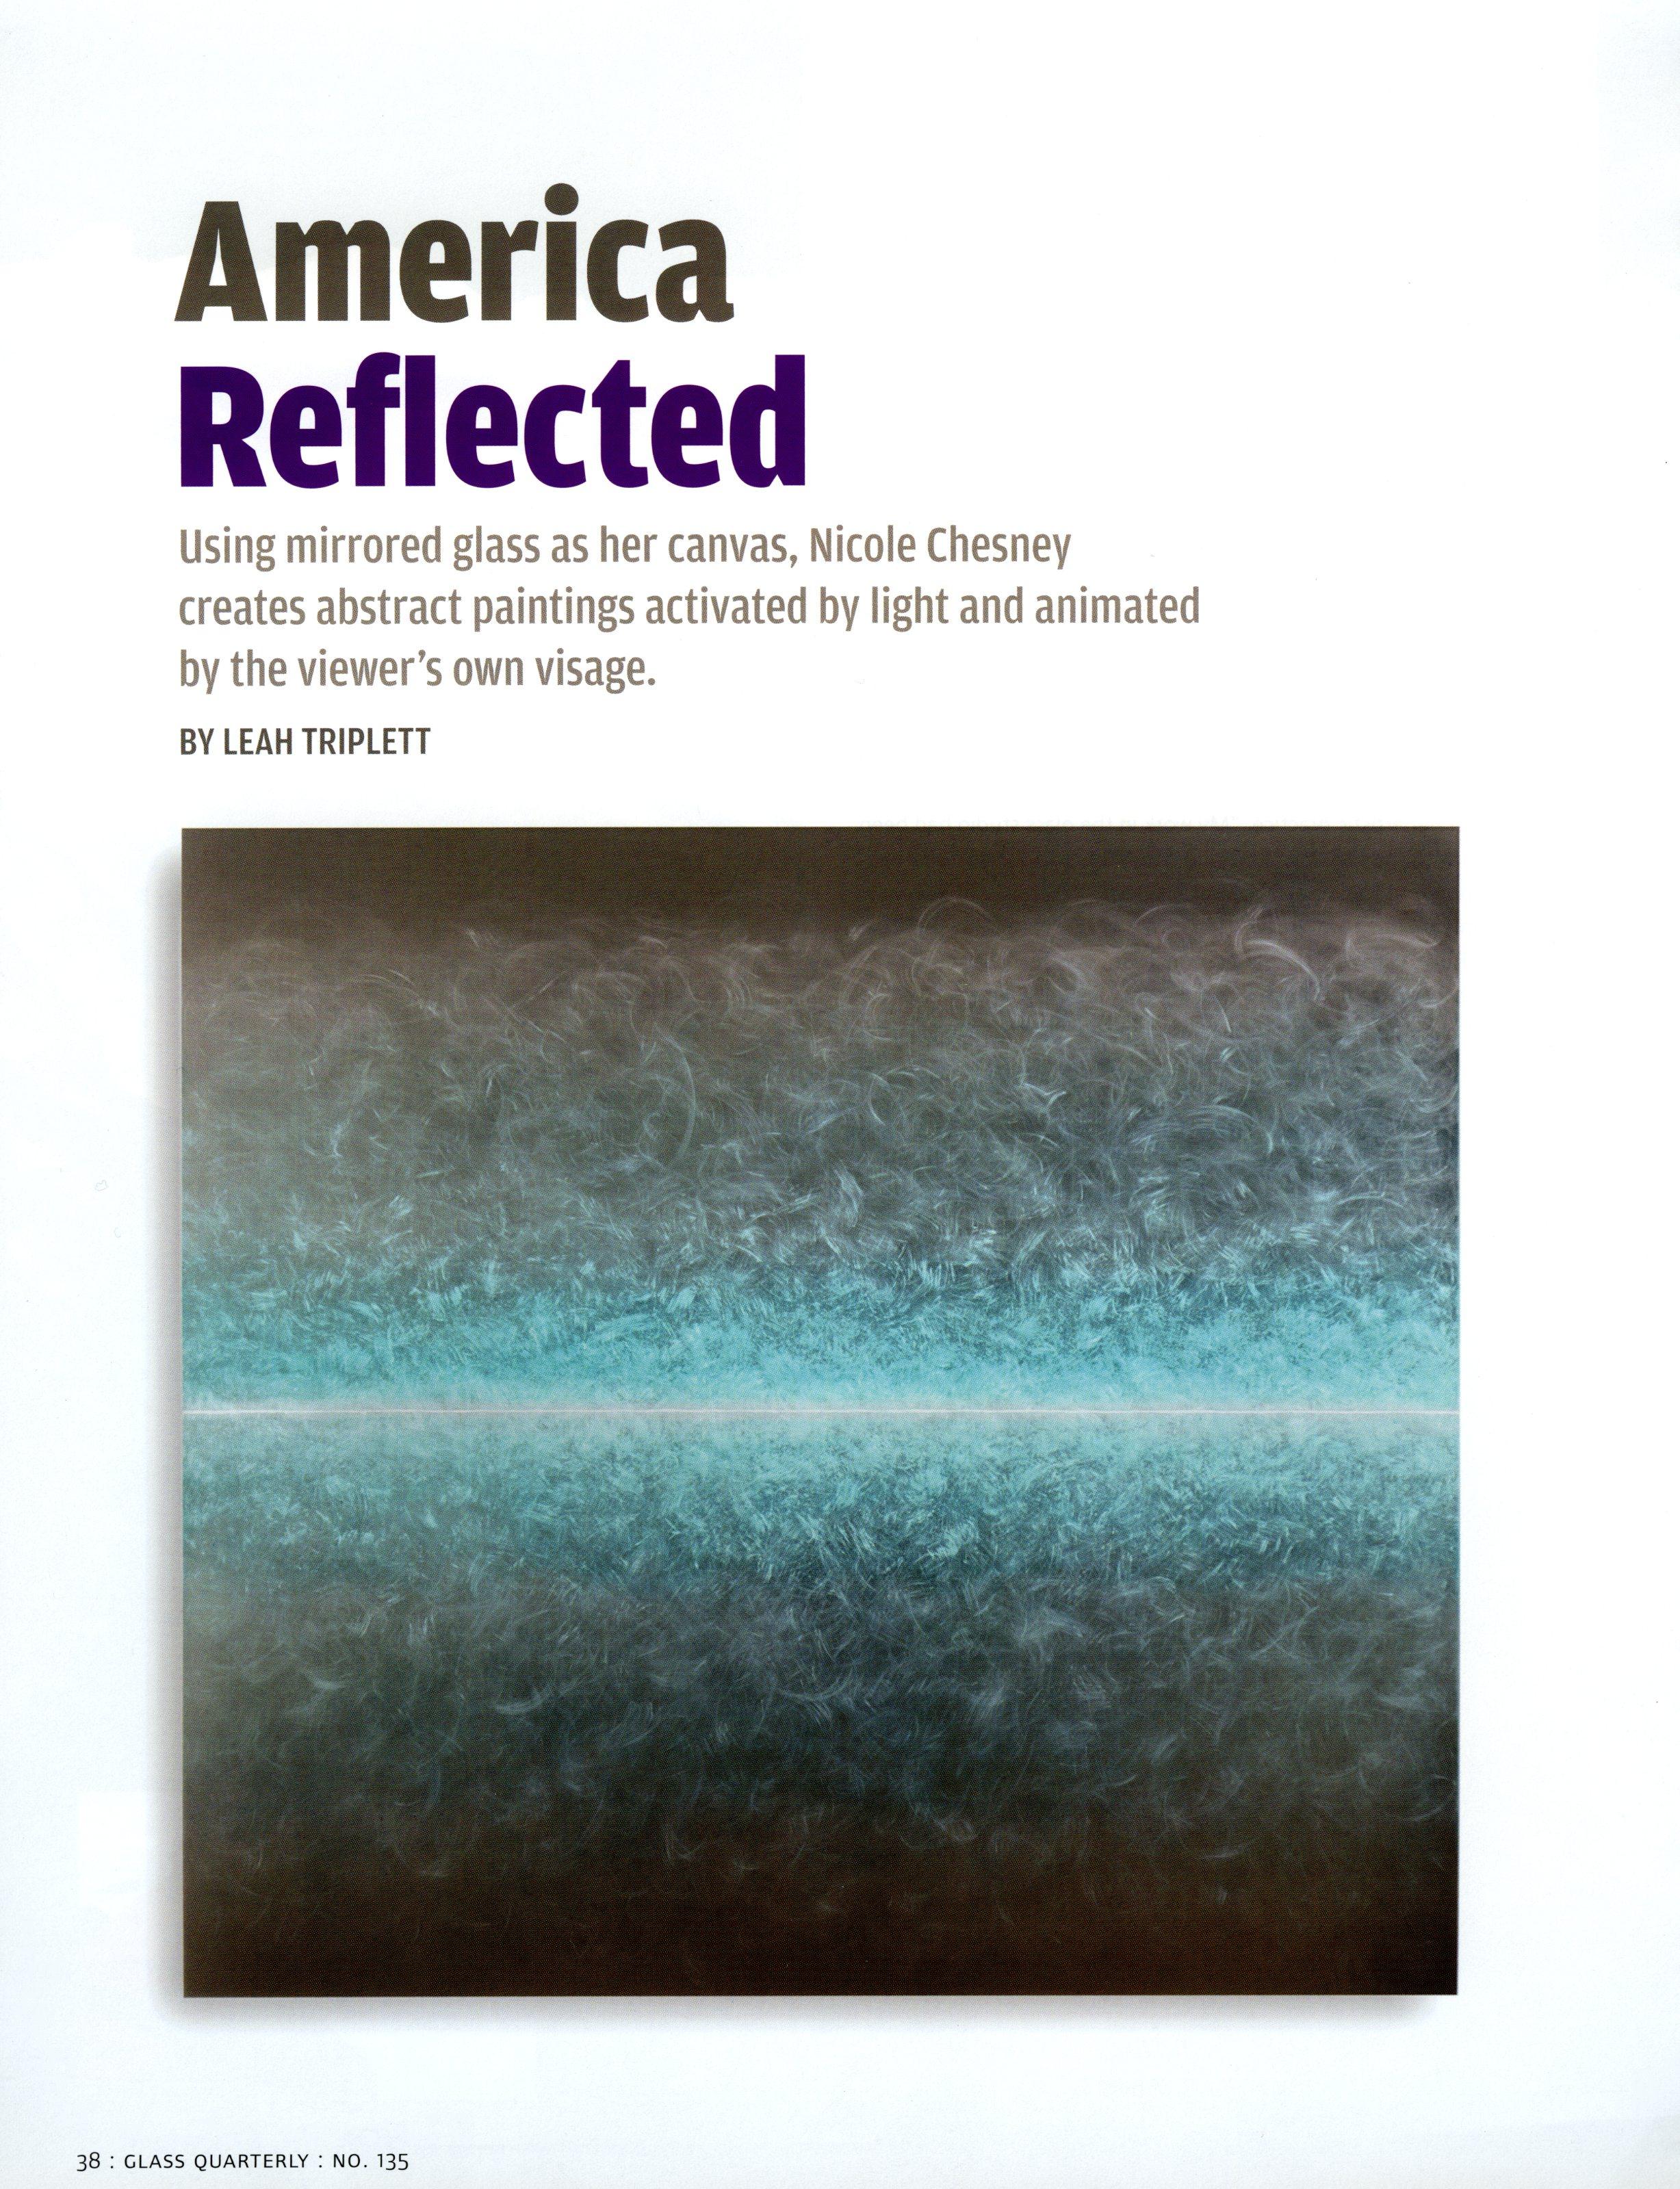 NicoleChesney_AmericaReflected_Glass2014